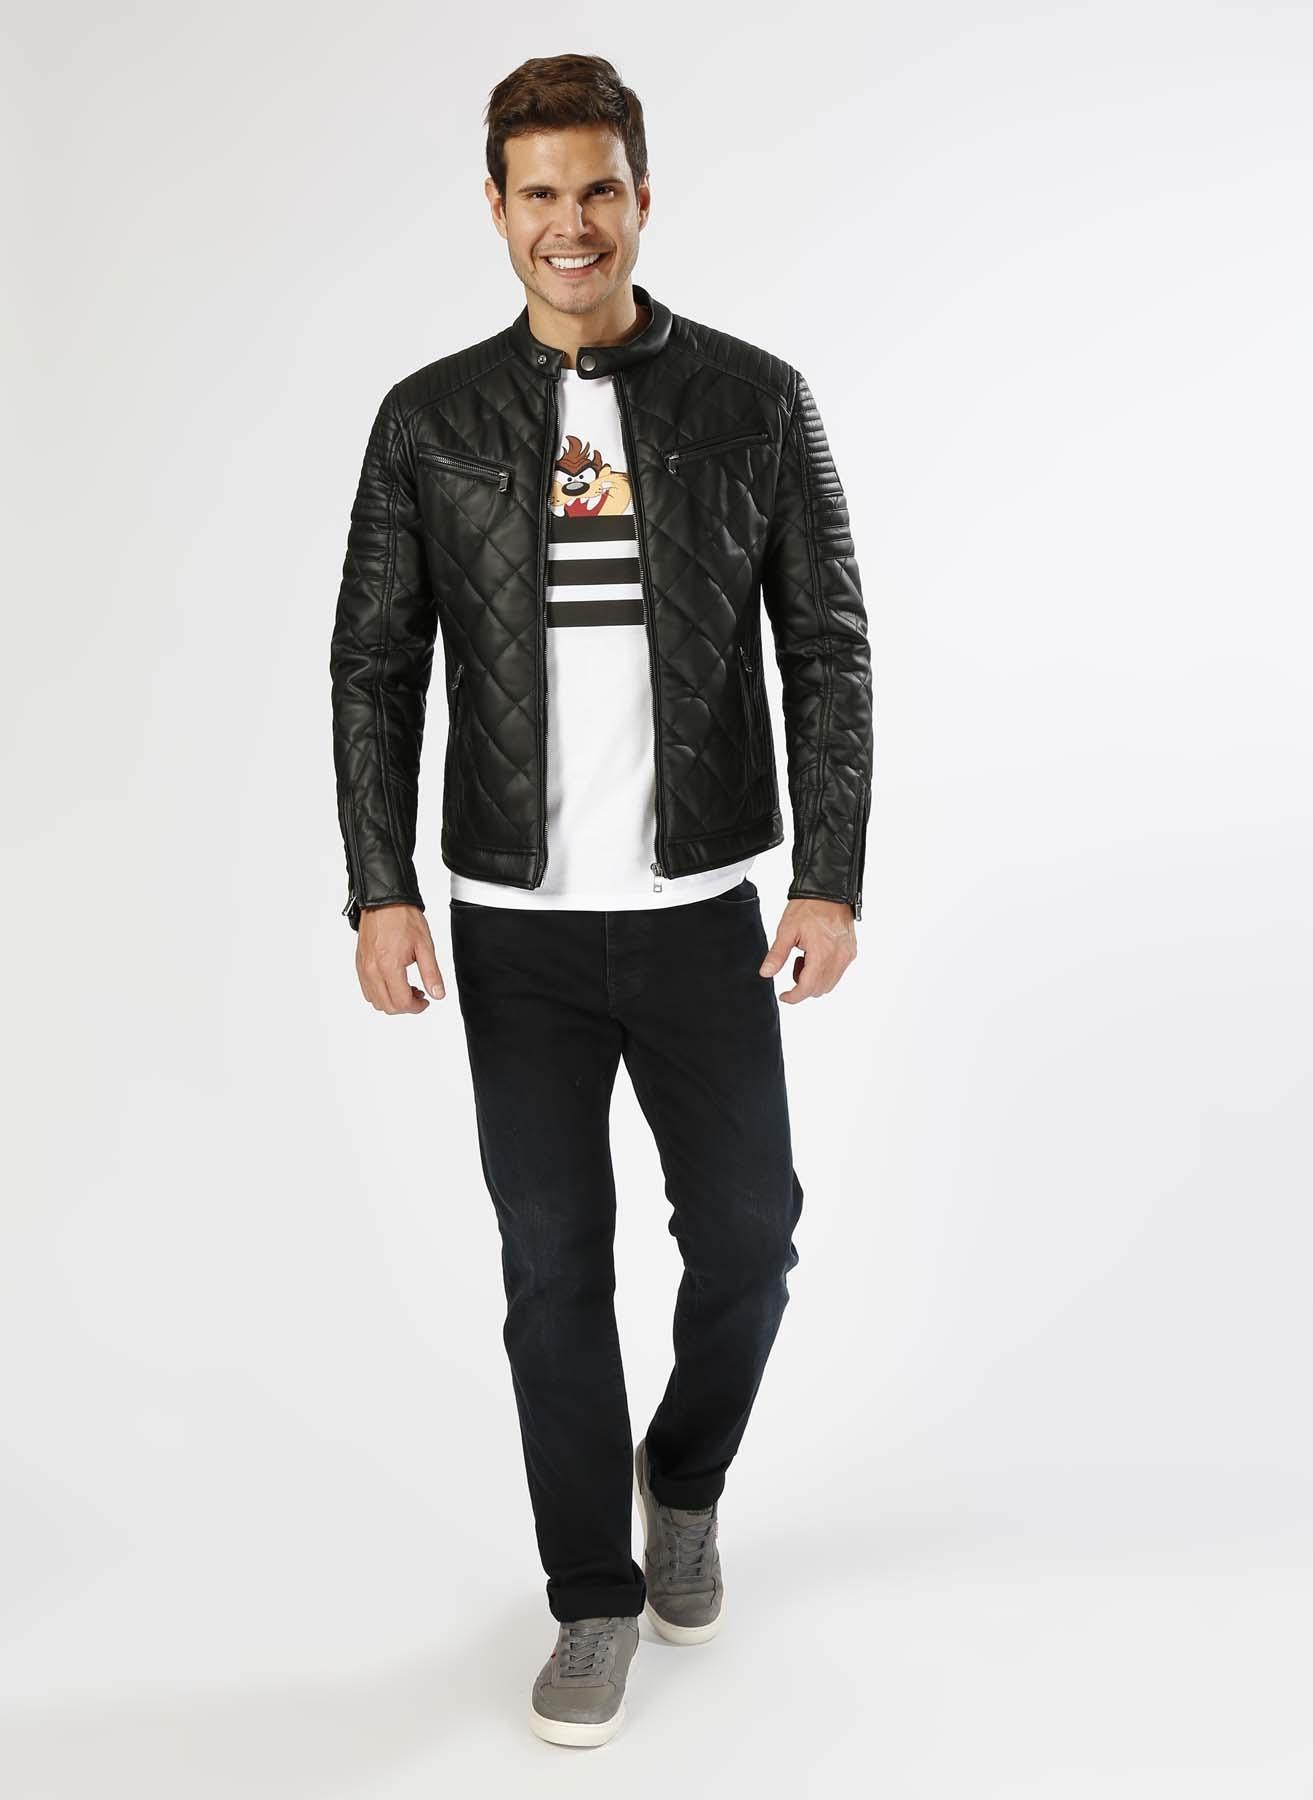 Loft Lacivert Klasik Pantolon 31-34 5000197776006 Ürün Resmi